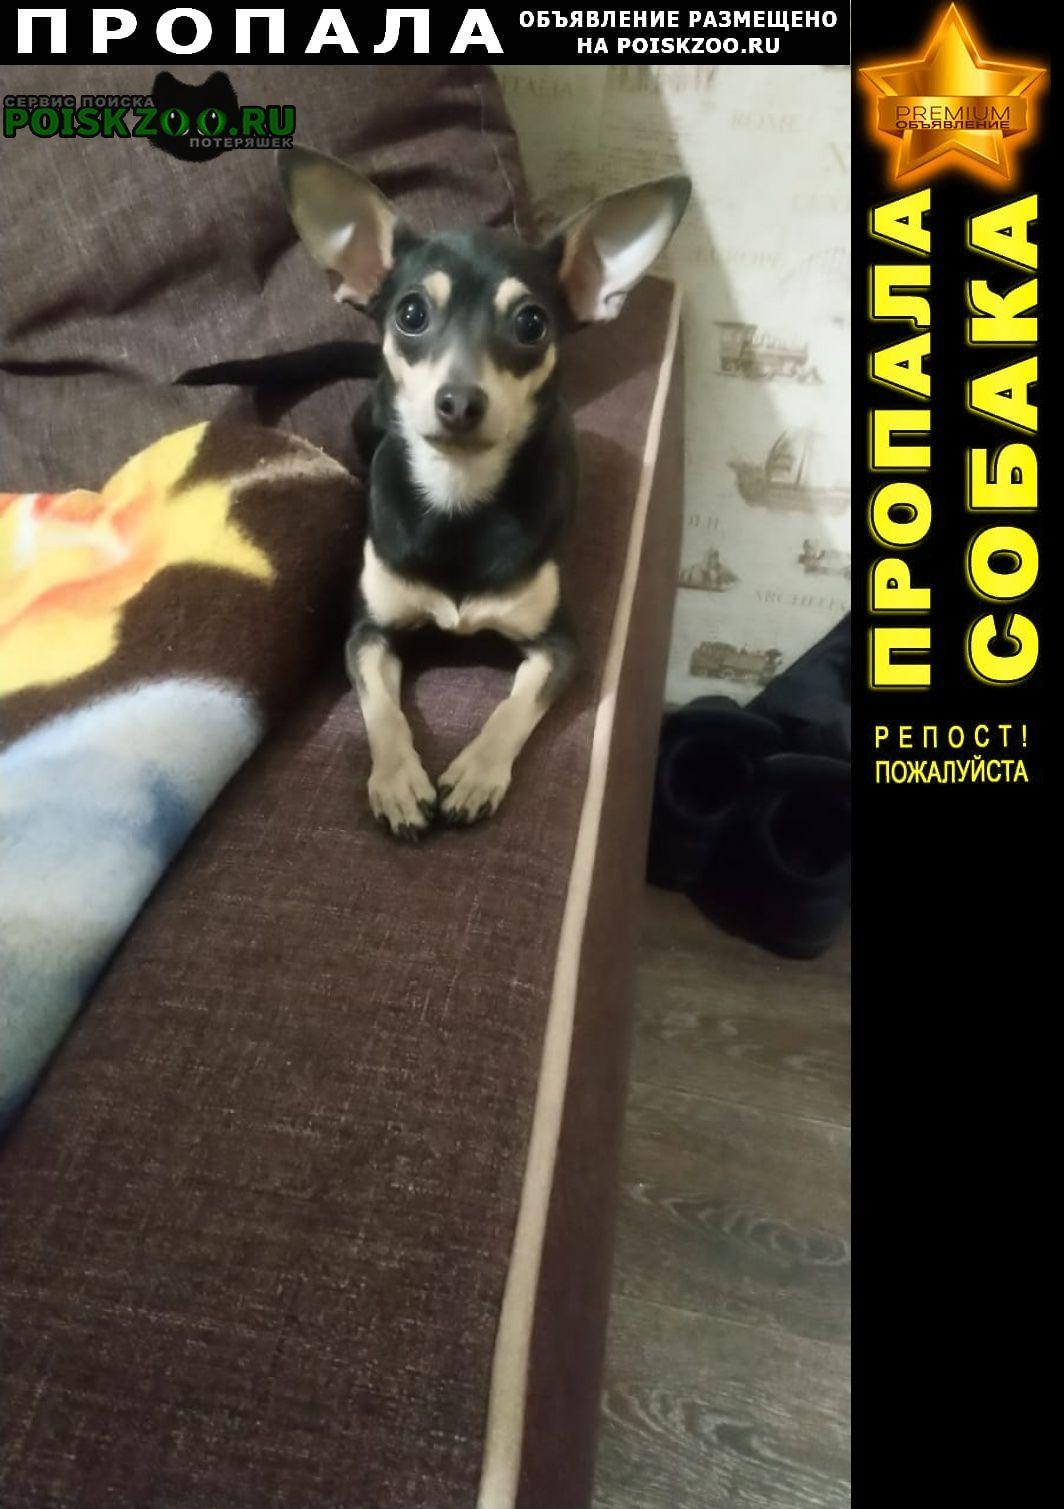 Пропала собака потерялась девочка той терьер возраст 1 Новокузнецк